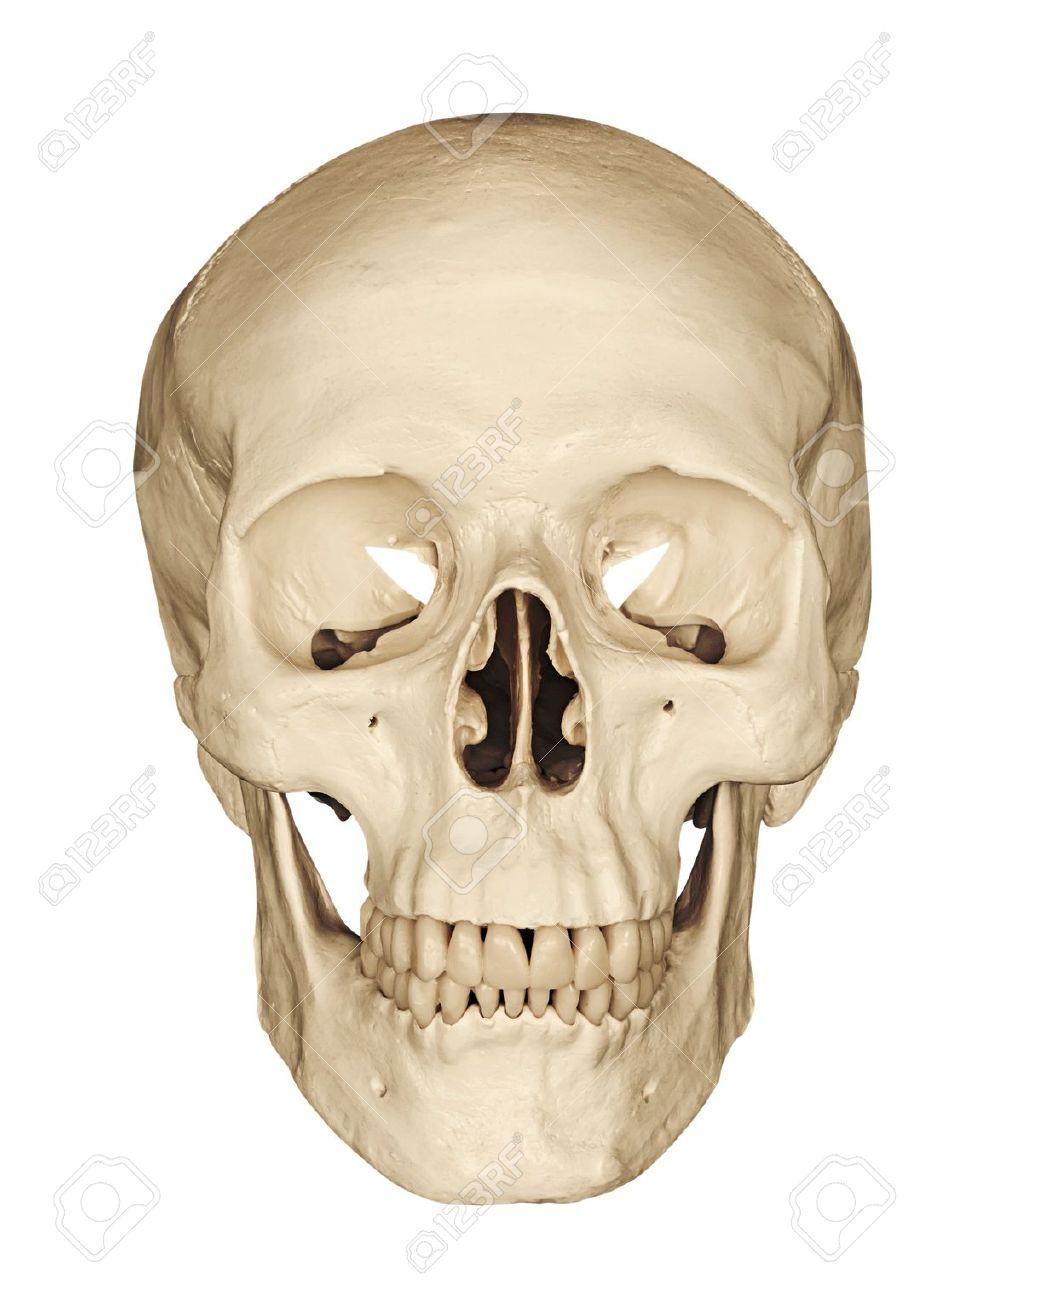 Medical Modell Eines Menschlichen Schädels Vor Einem Weißen ...